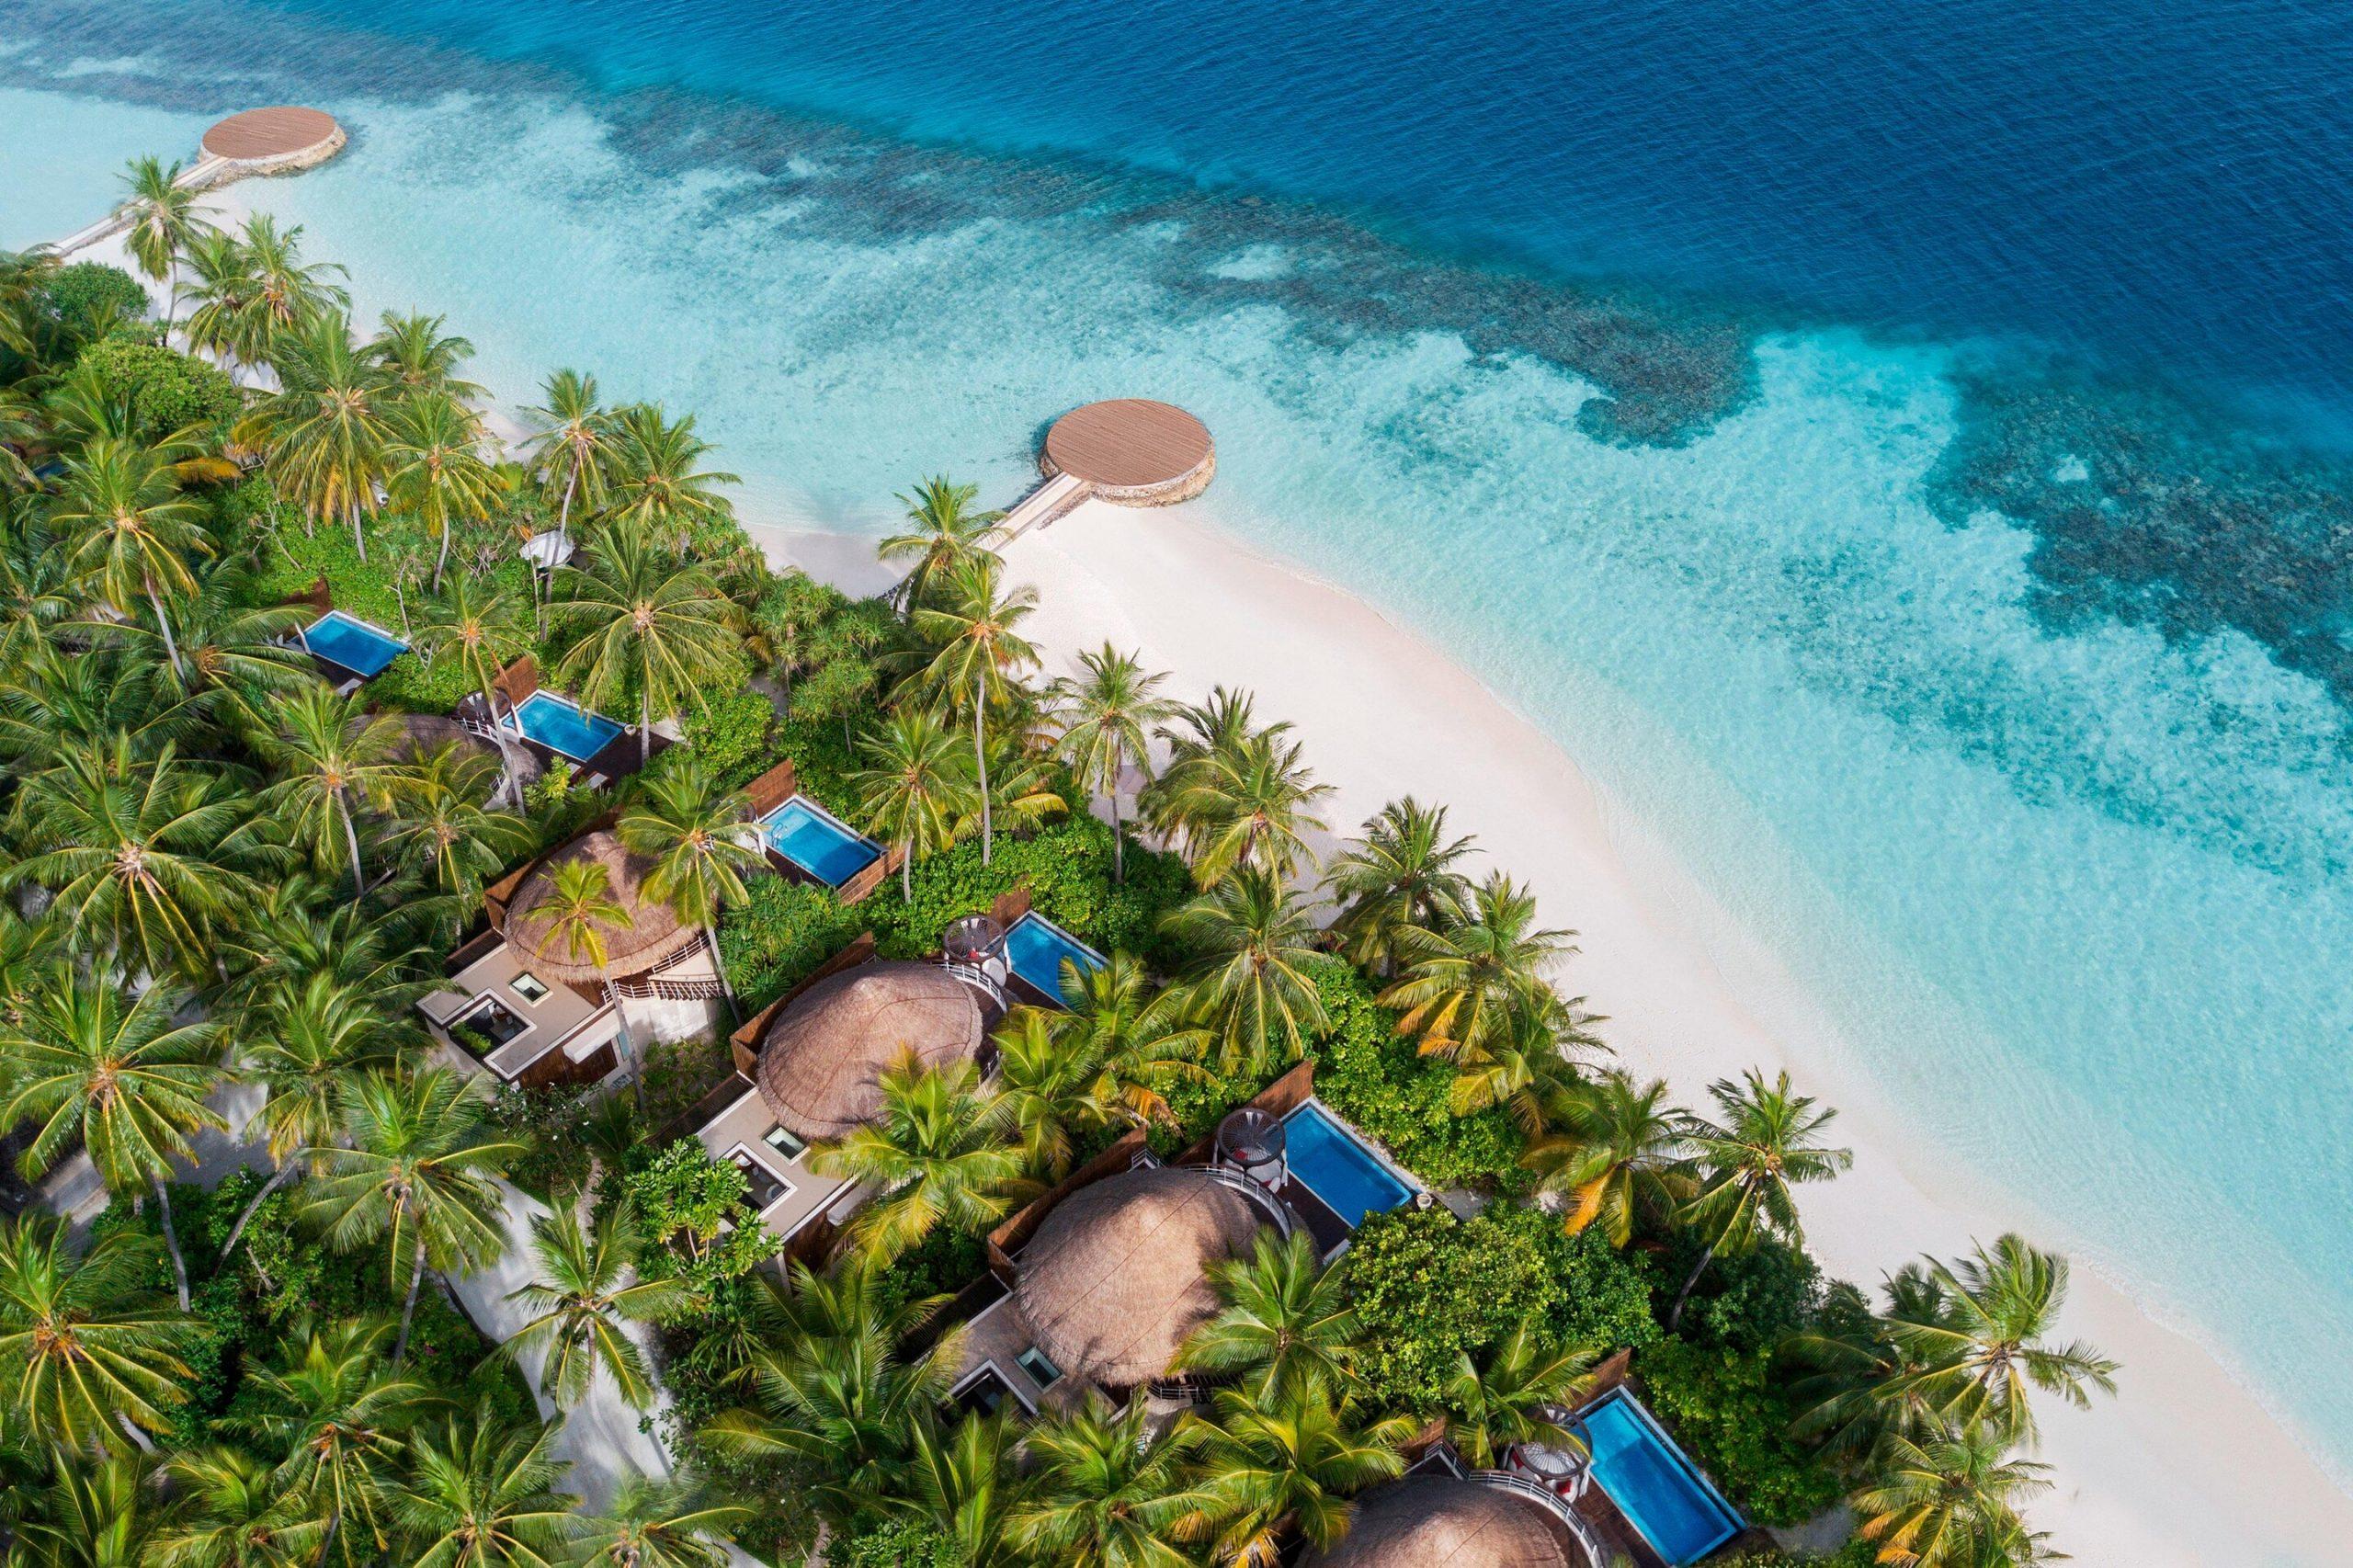 mlewh-beach-aerial-view-7672-hor-clsc